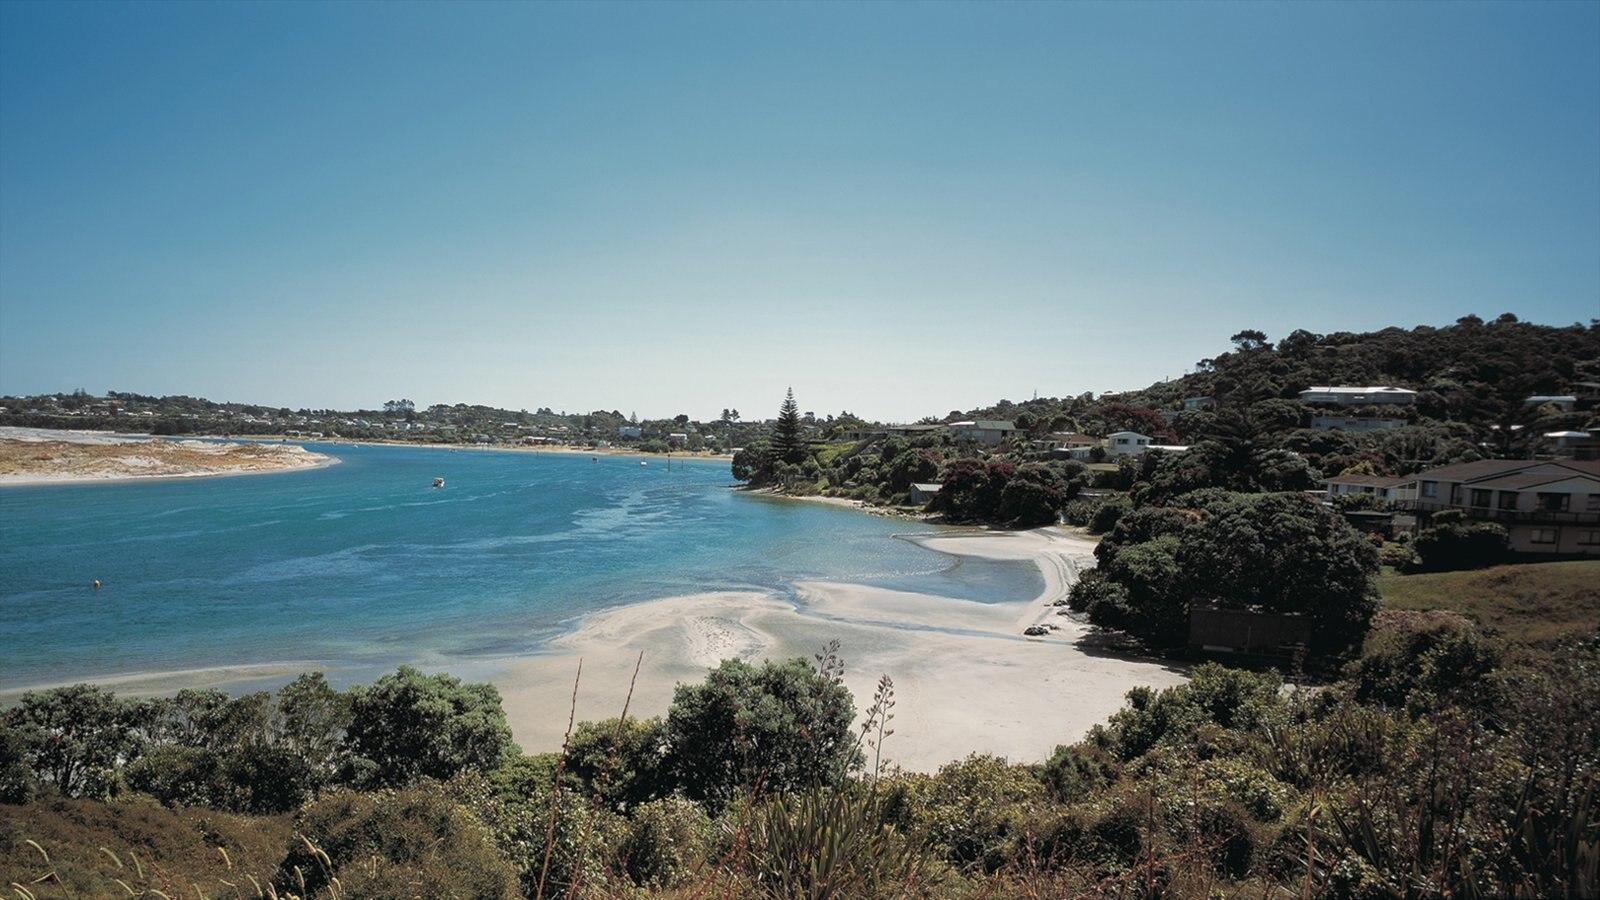 Whangarei ofreciendo vistas generales de la costa, vistas de paisajes y una ciudad costera